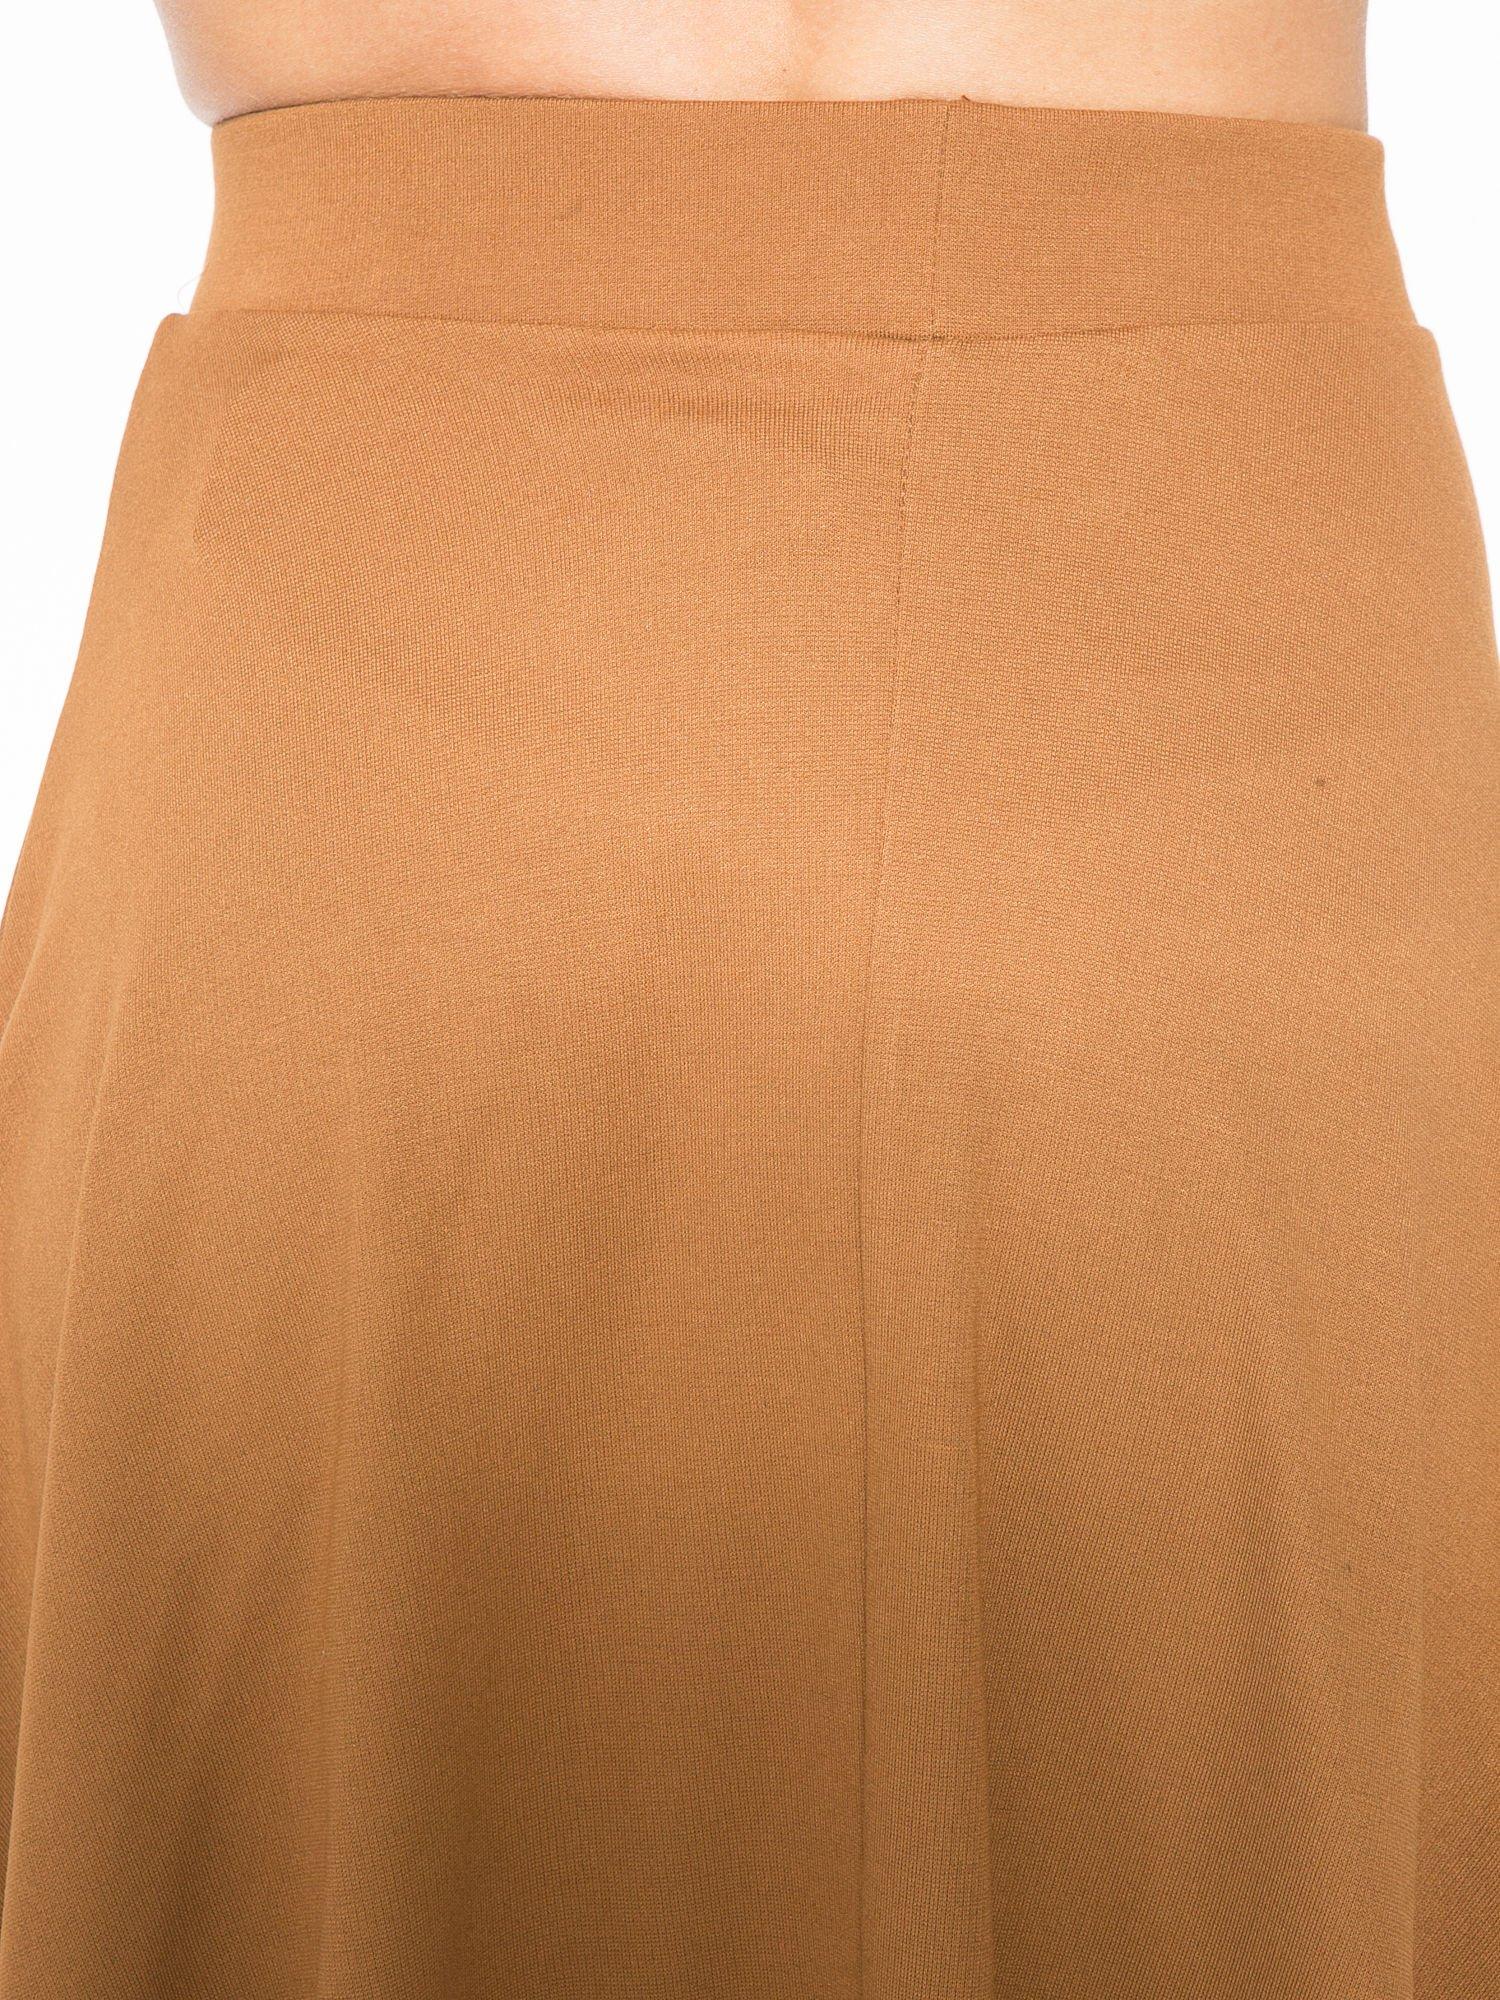 Brązowa zwiewna spódnica midi                                  zdj.                                  5